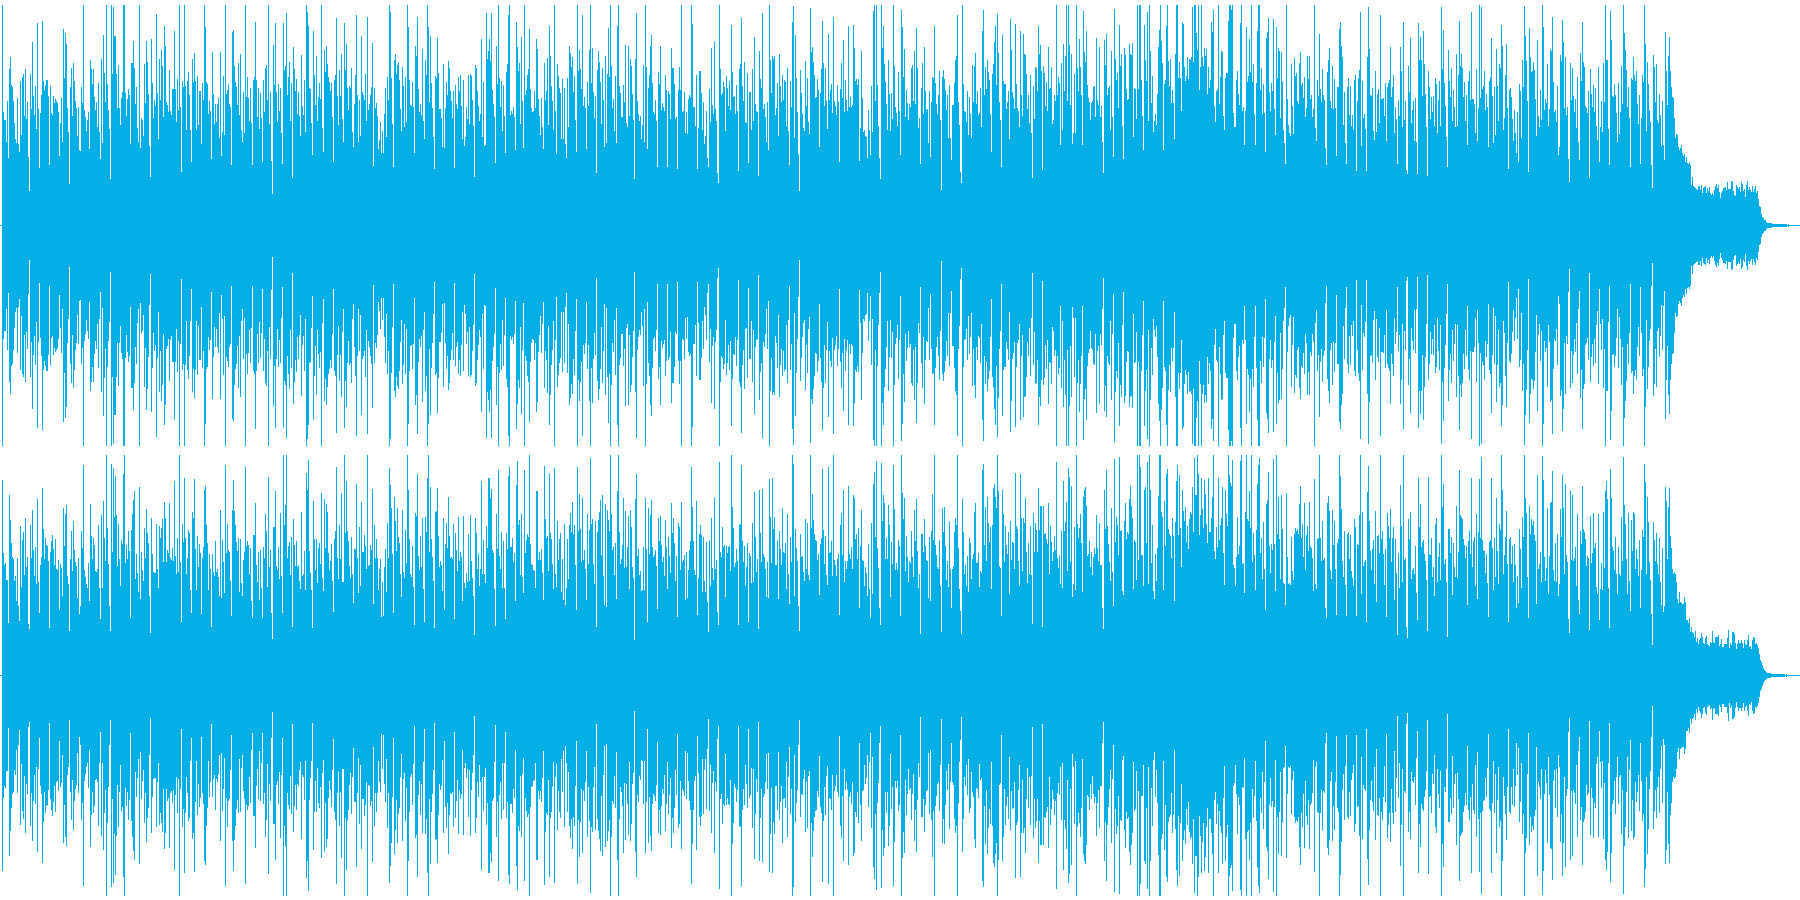 広がりのある近未来的なリラックスソングの再生済みの波形